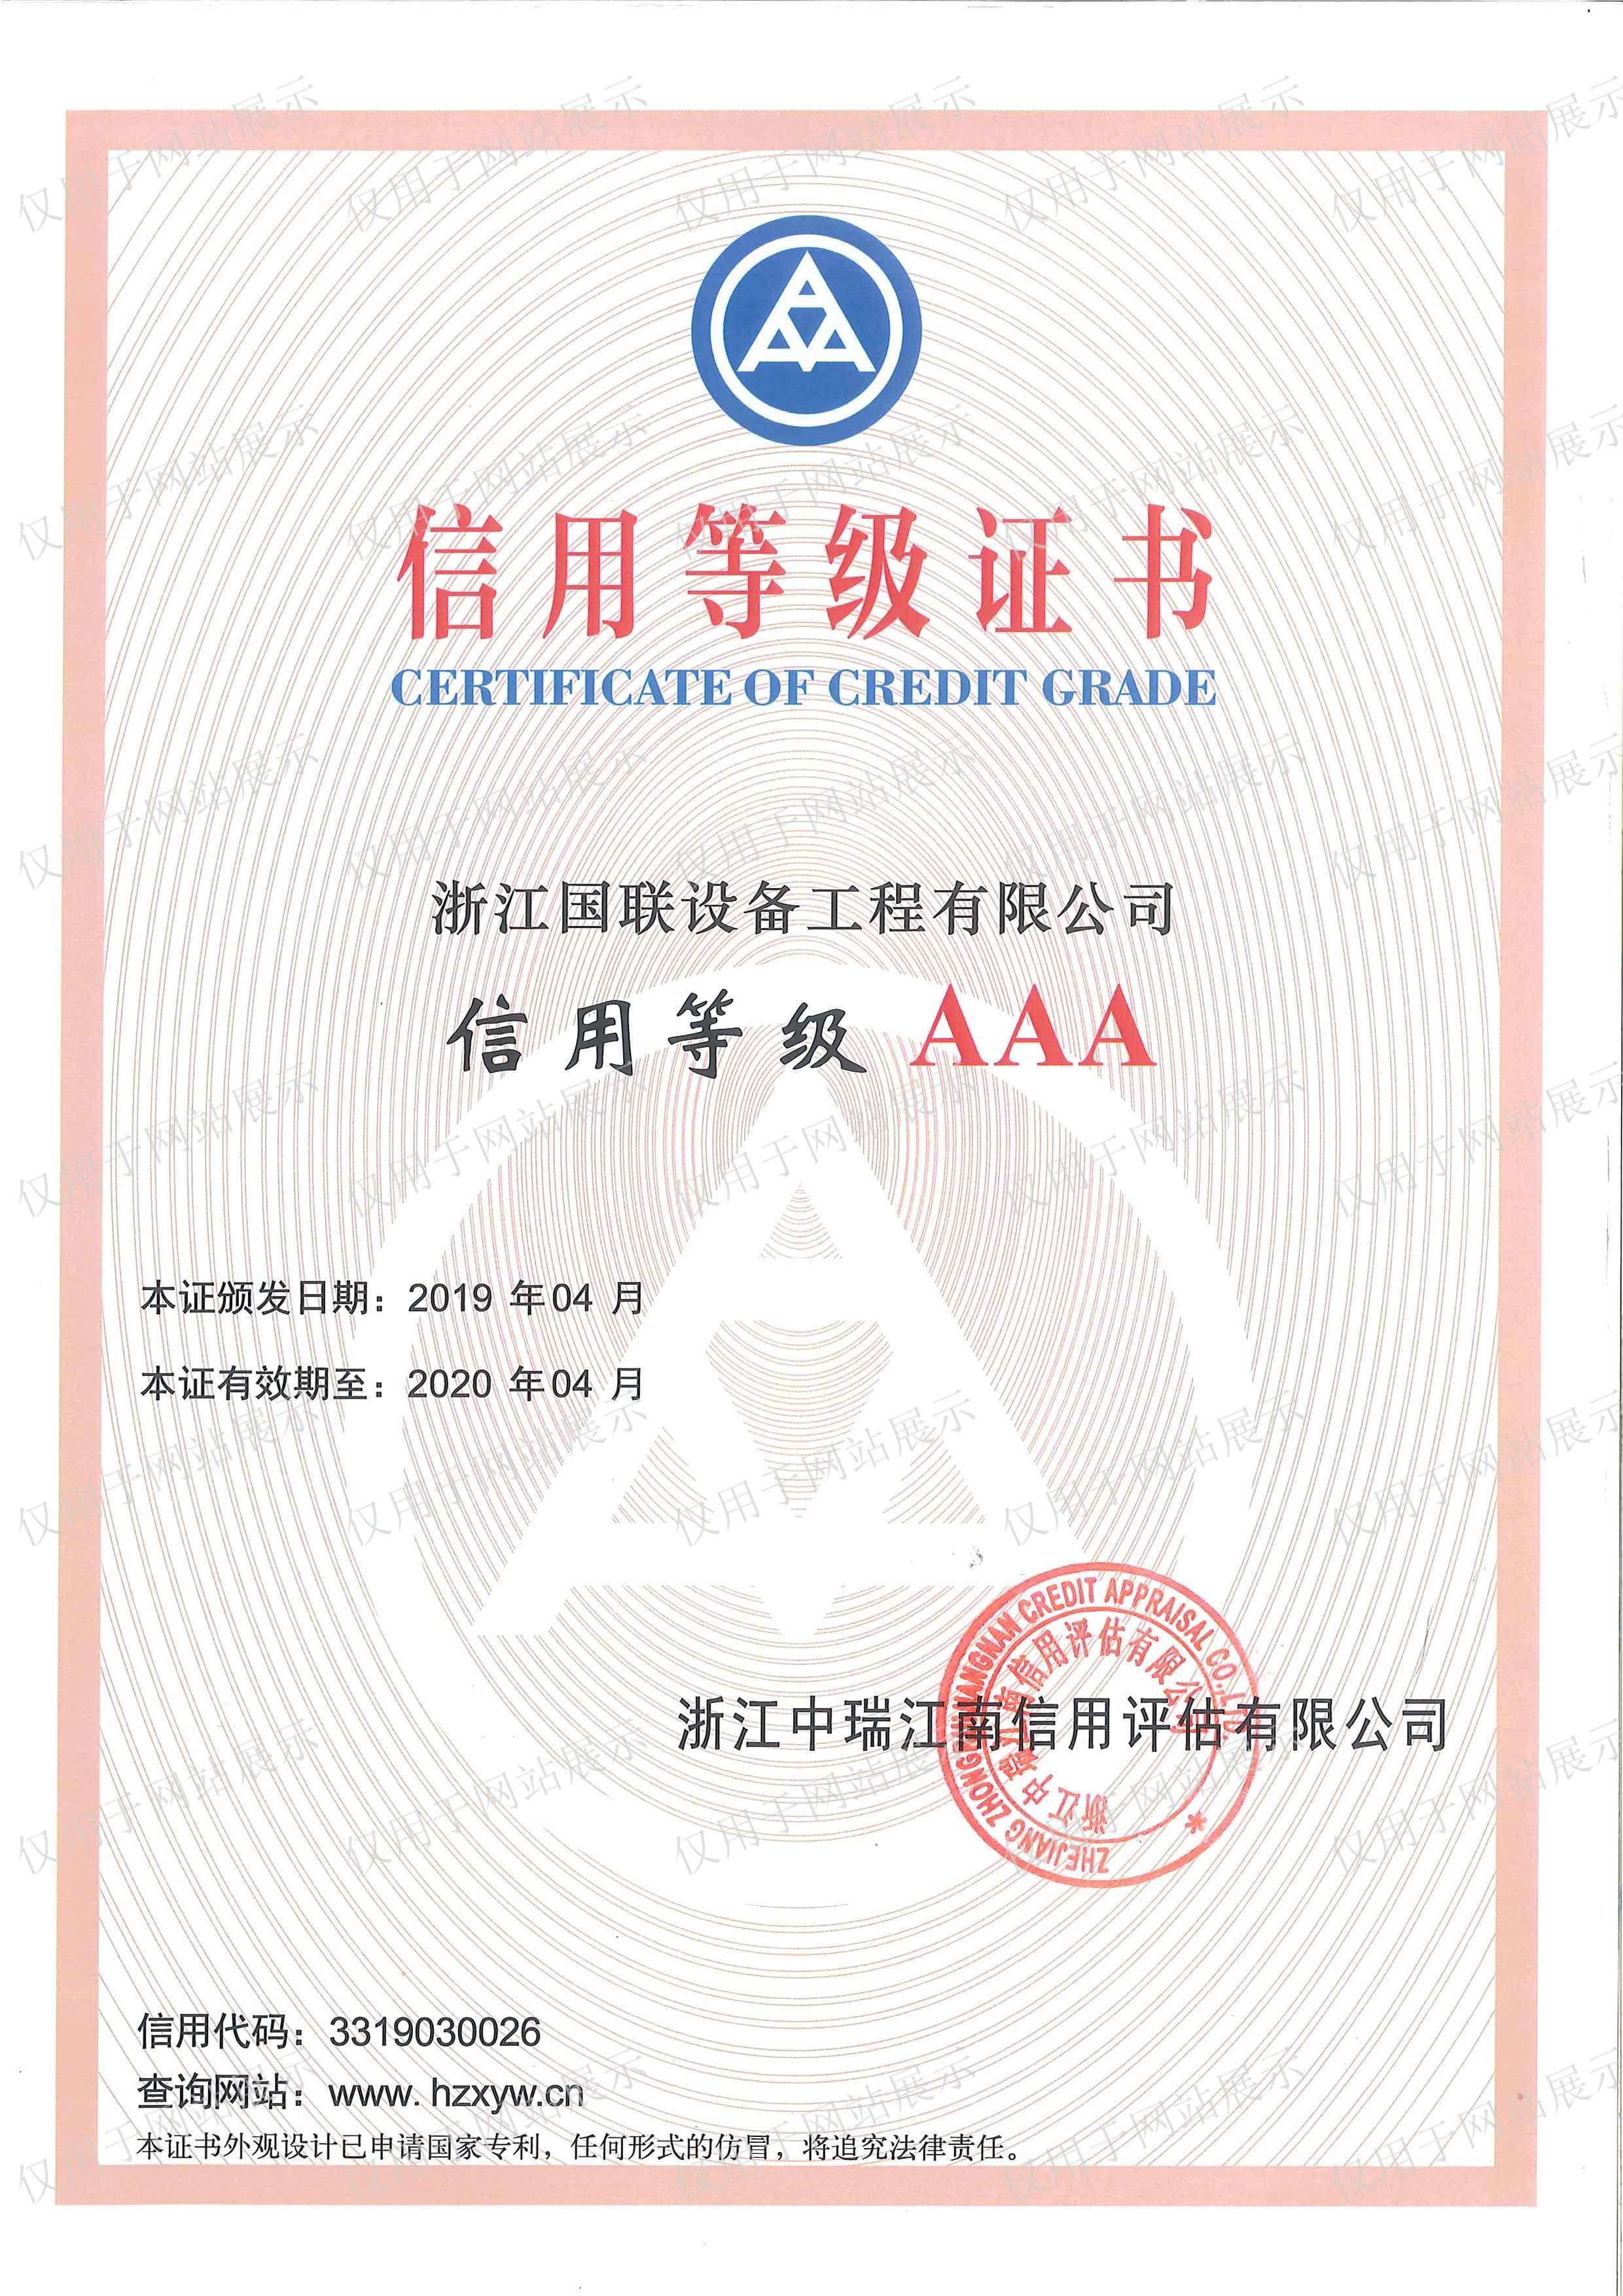 2019年信用評估機構AAA證書